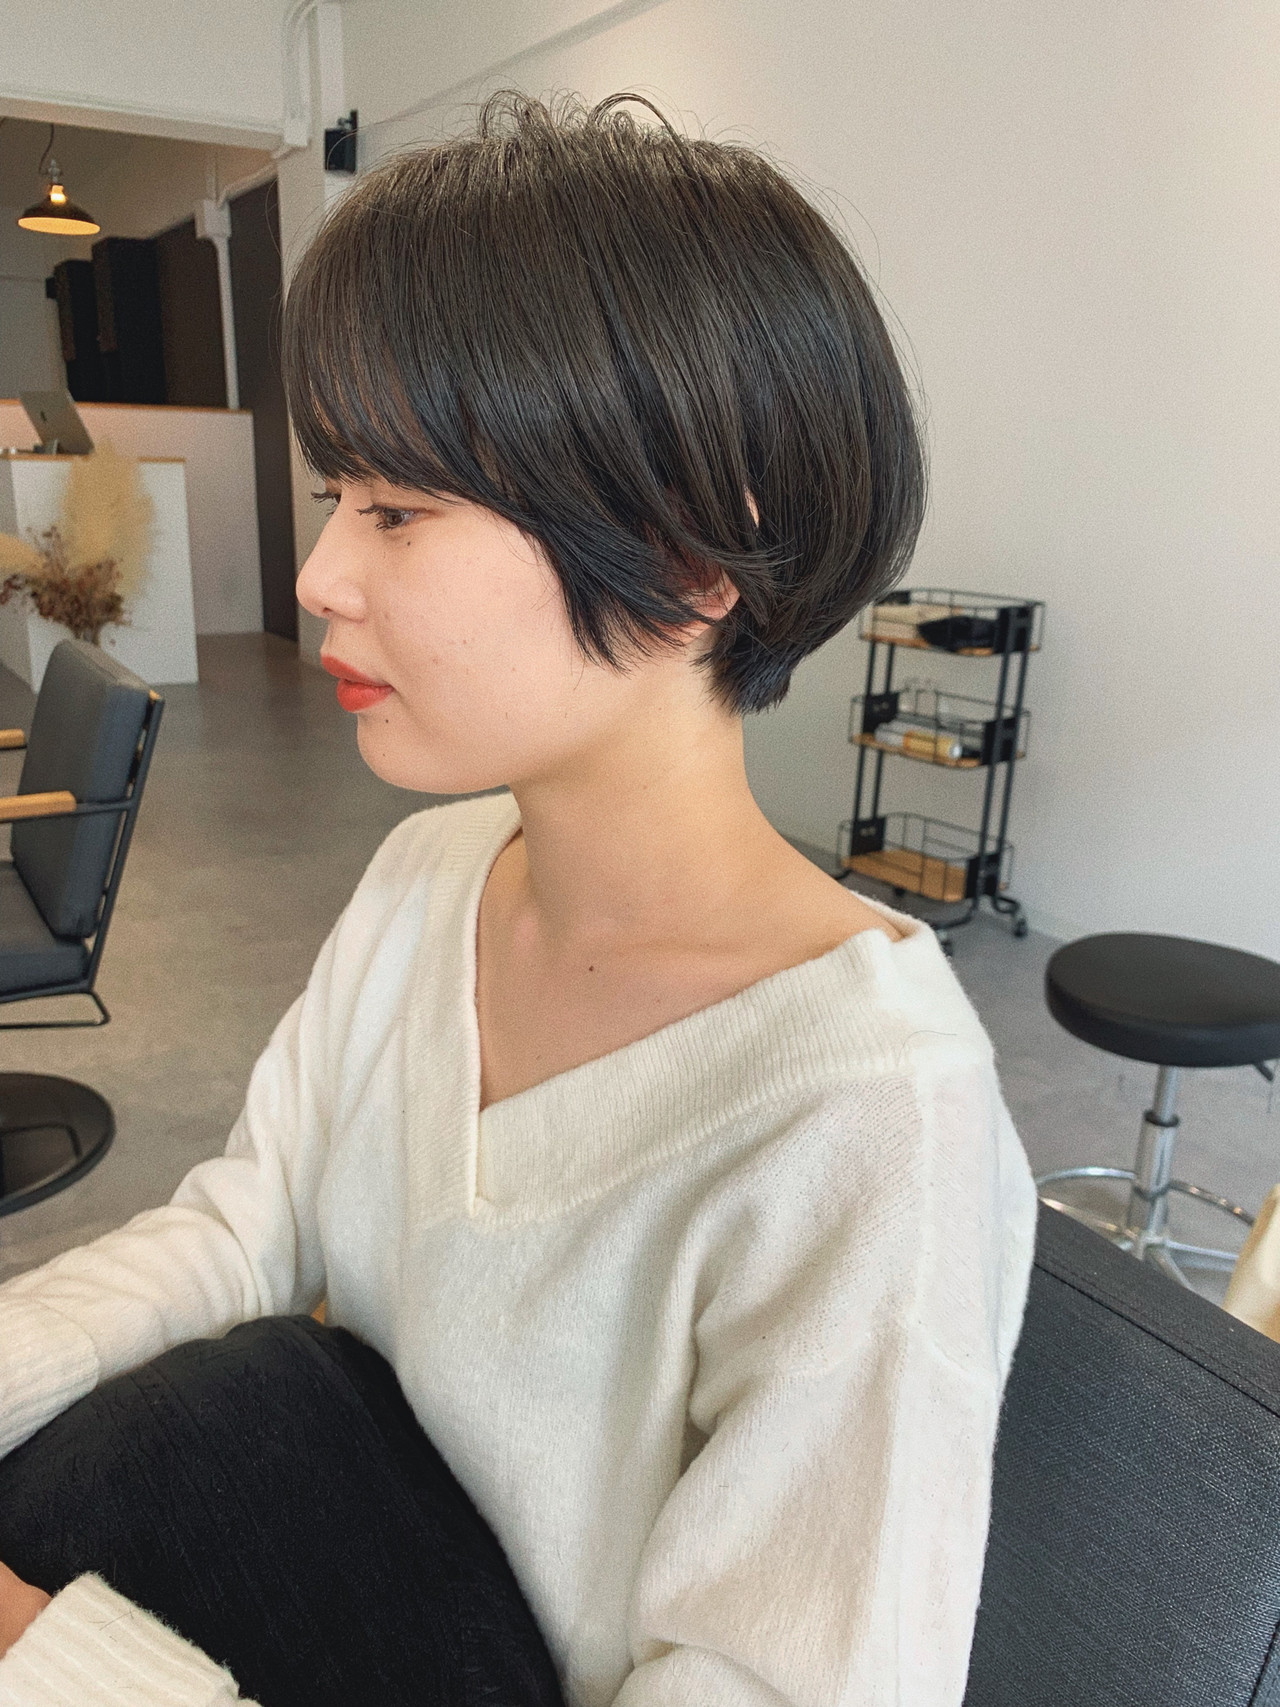 アウトドア 大人かわいい ショート デート ヘアスタイルや髪型の写真・画像 | YUJI / LIICHI / LIICHI (リイチ)